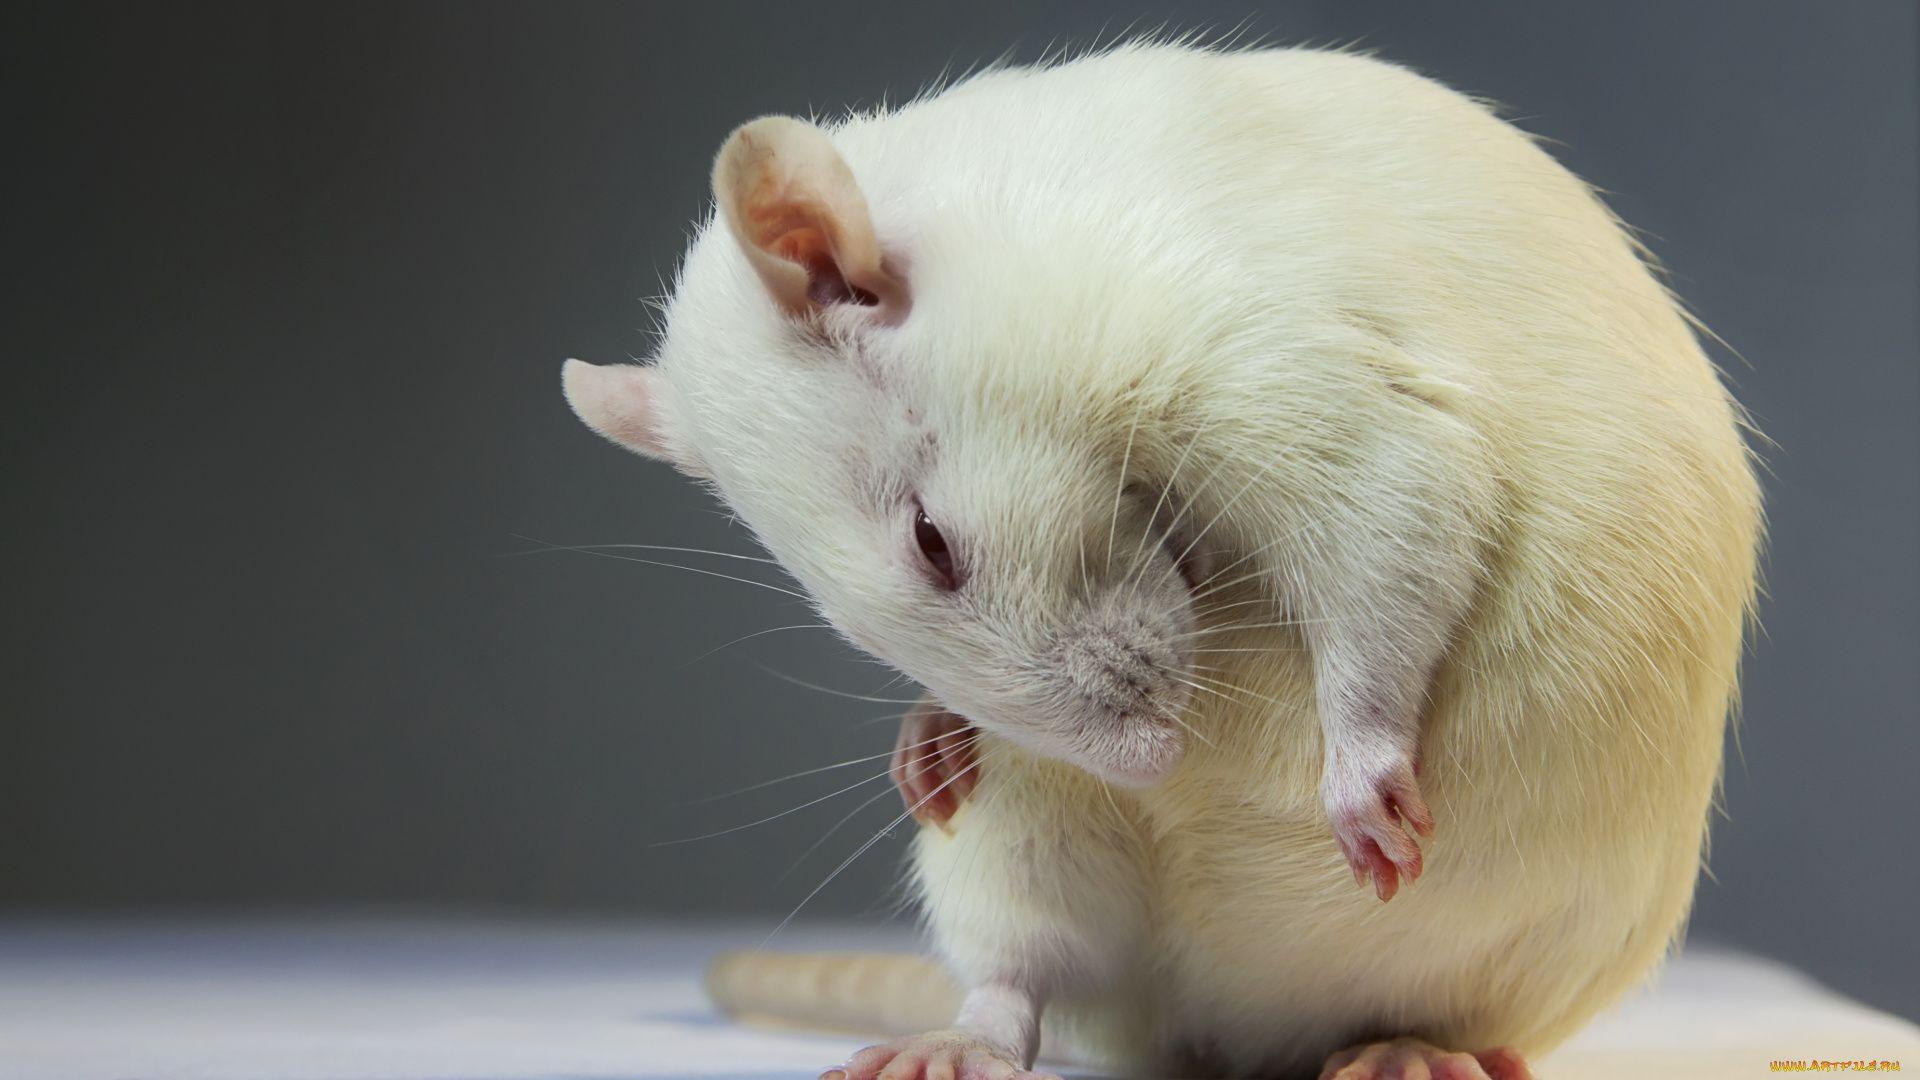 White Metal Rat Free Download Wallpaper